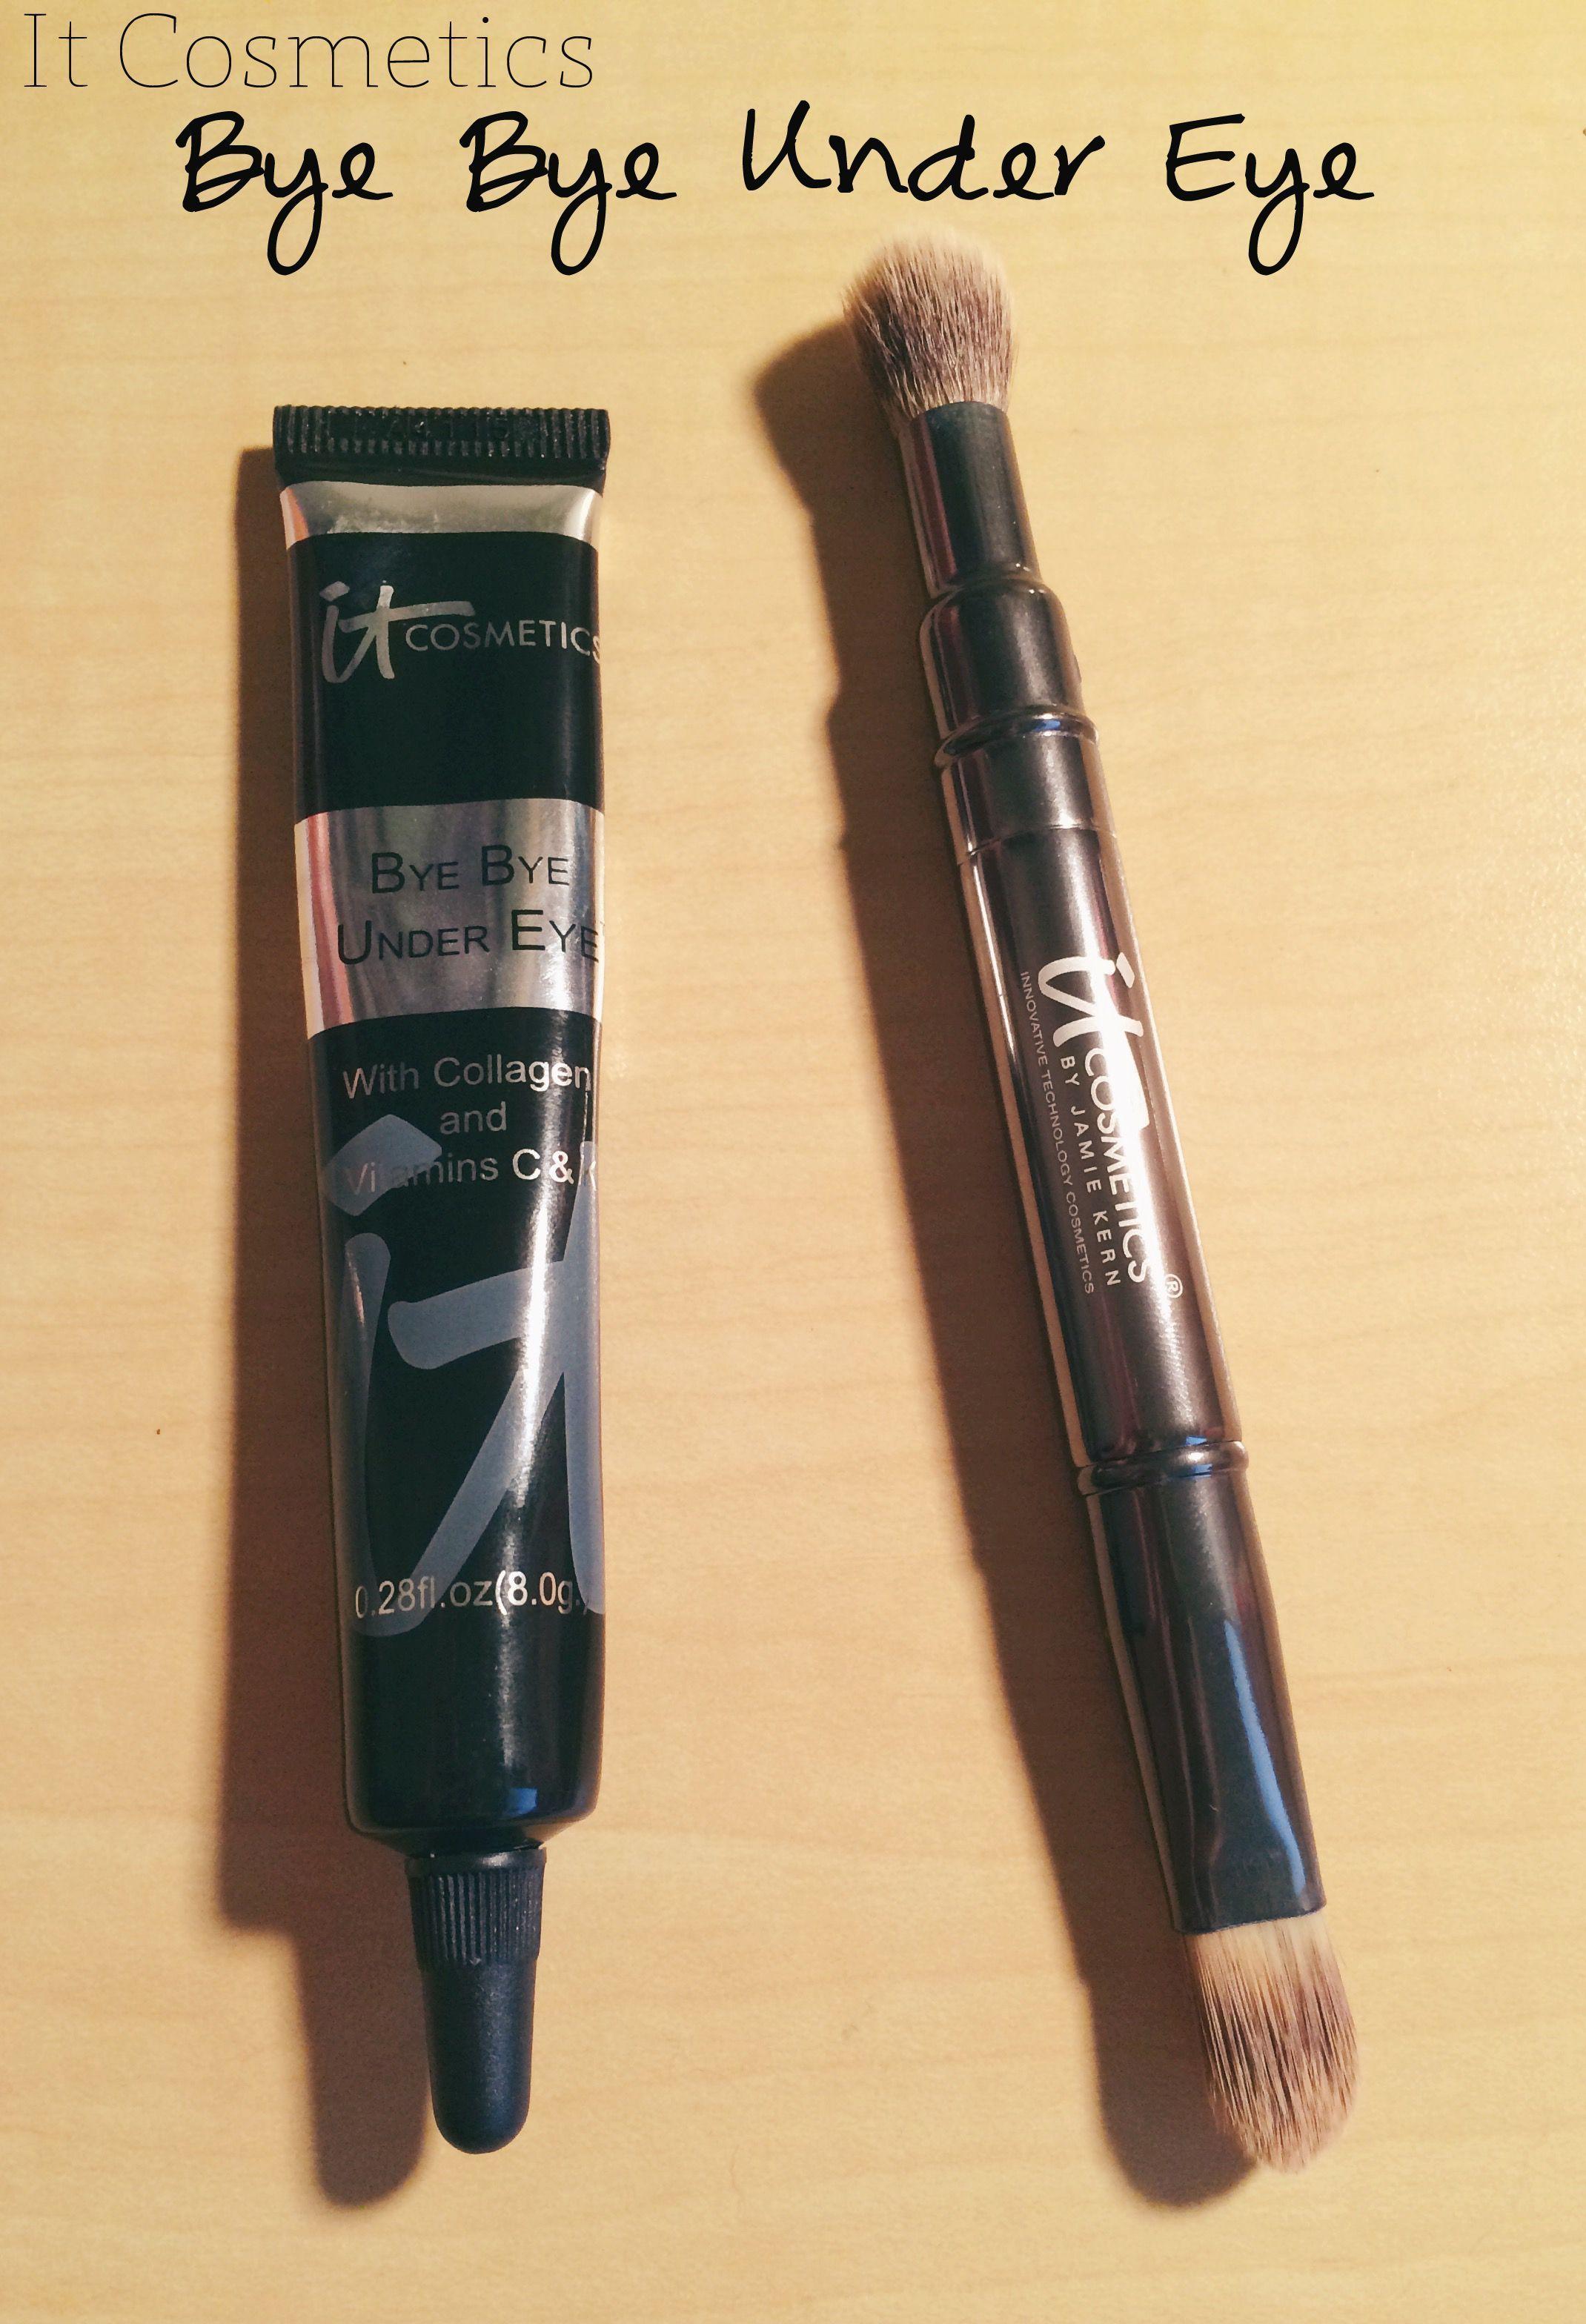 It Cosmetics Bye Bye Undereye & Dual Airbrush Concealer